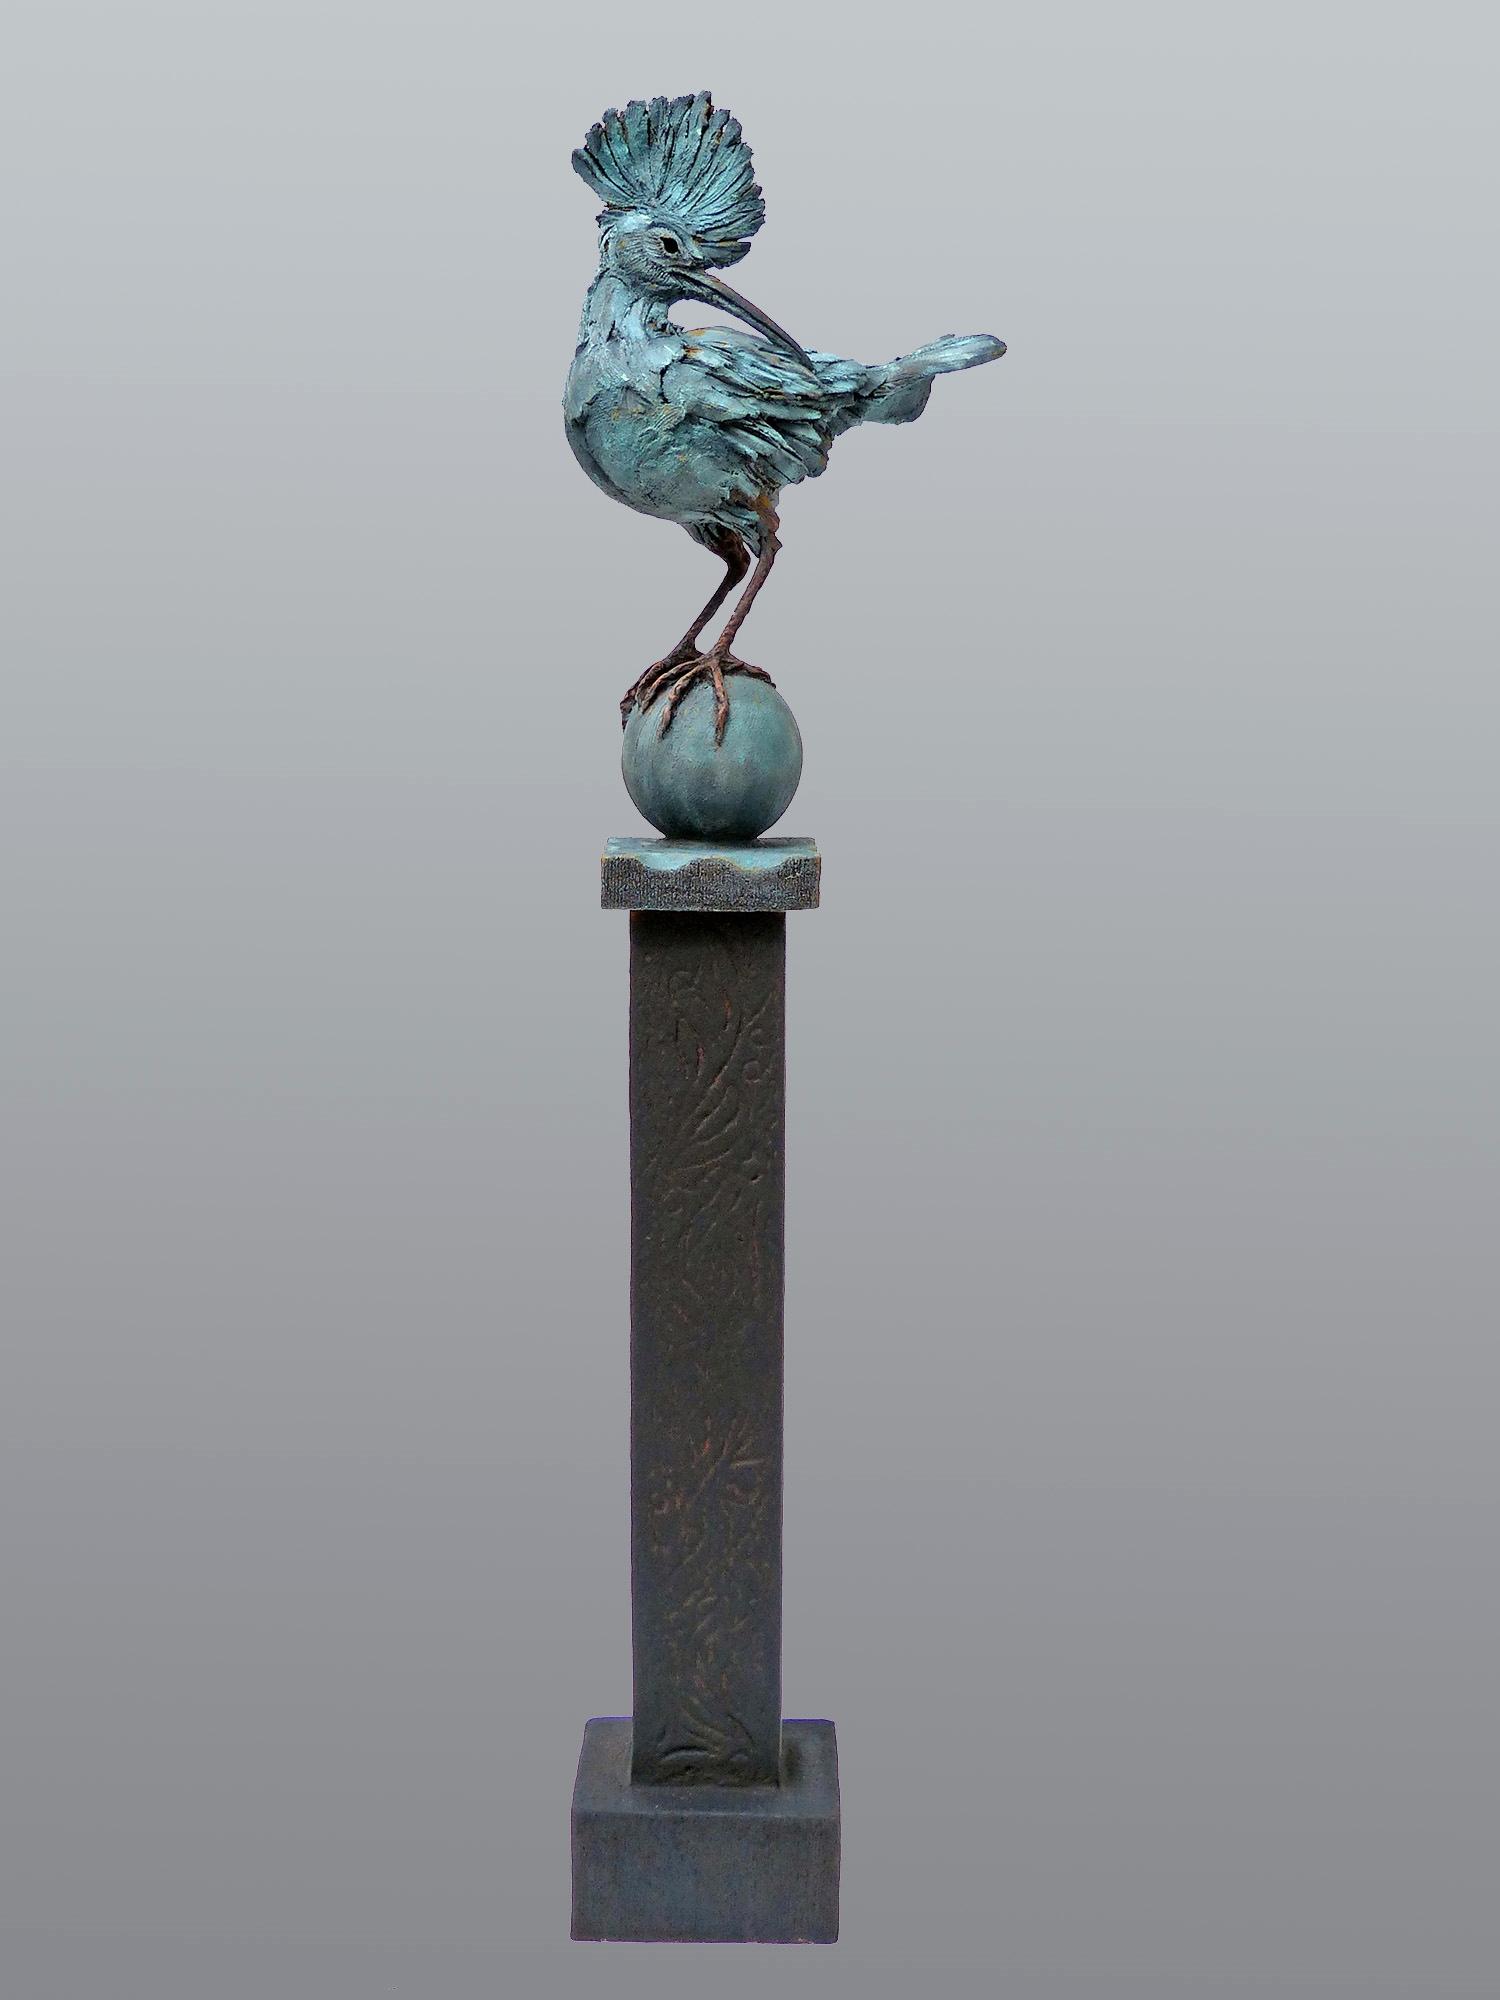 Hoopoe-on-Pole  ©   Text☰